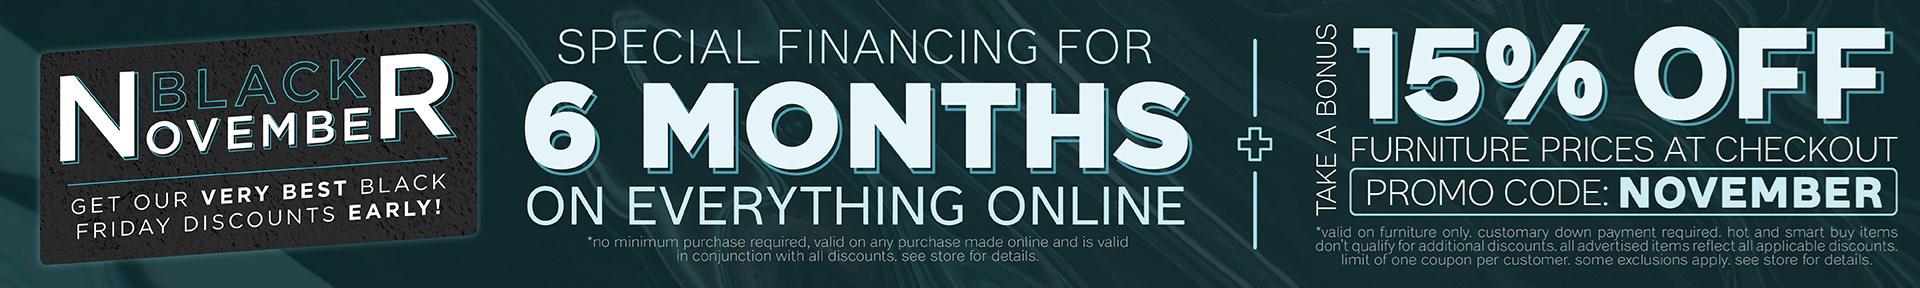 Furniture & ApplianceMart Black November Sale